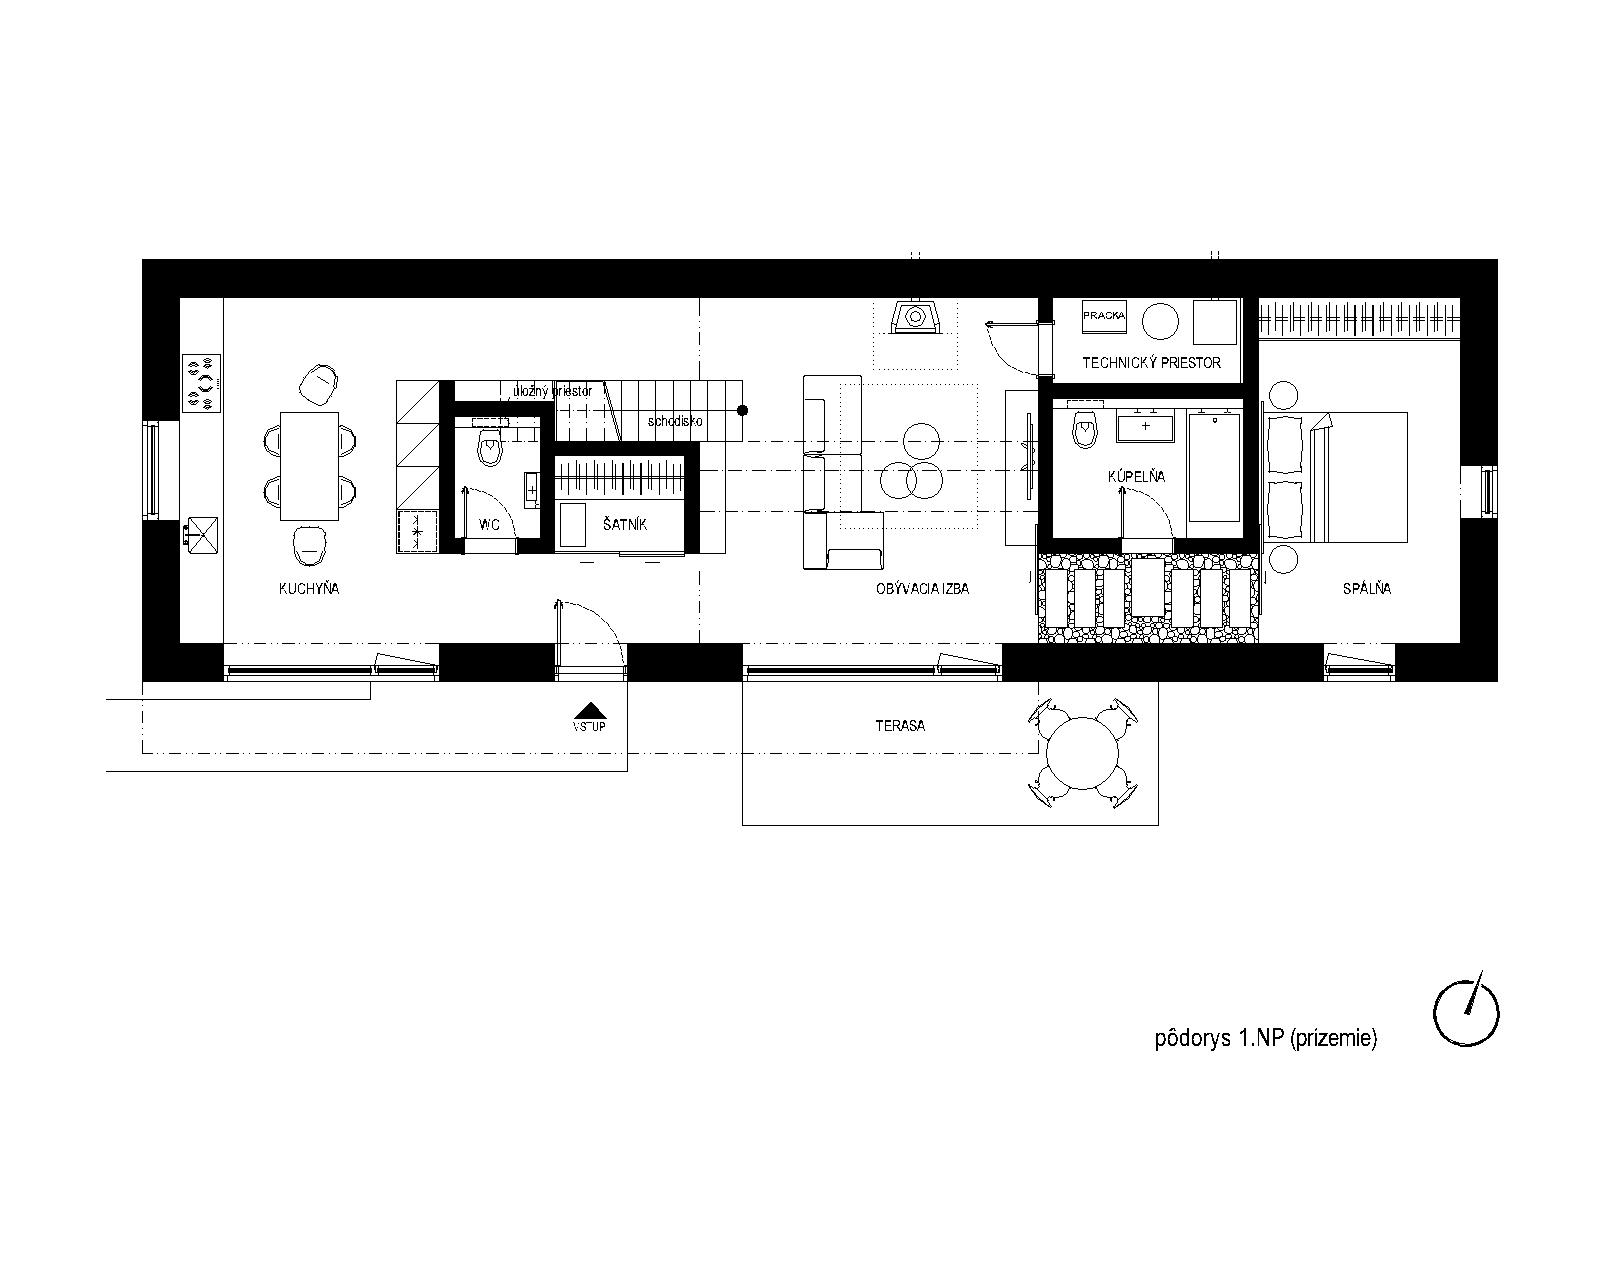 interier-pasivny-rodinny-dom-novostavba-dubova-pri-modre-podorys-1NP